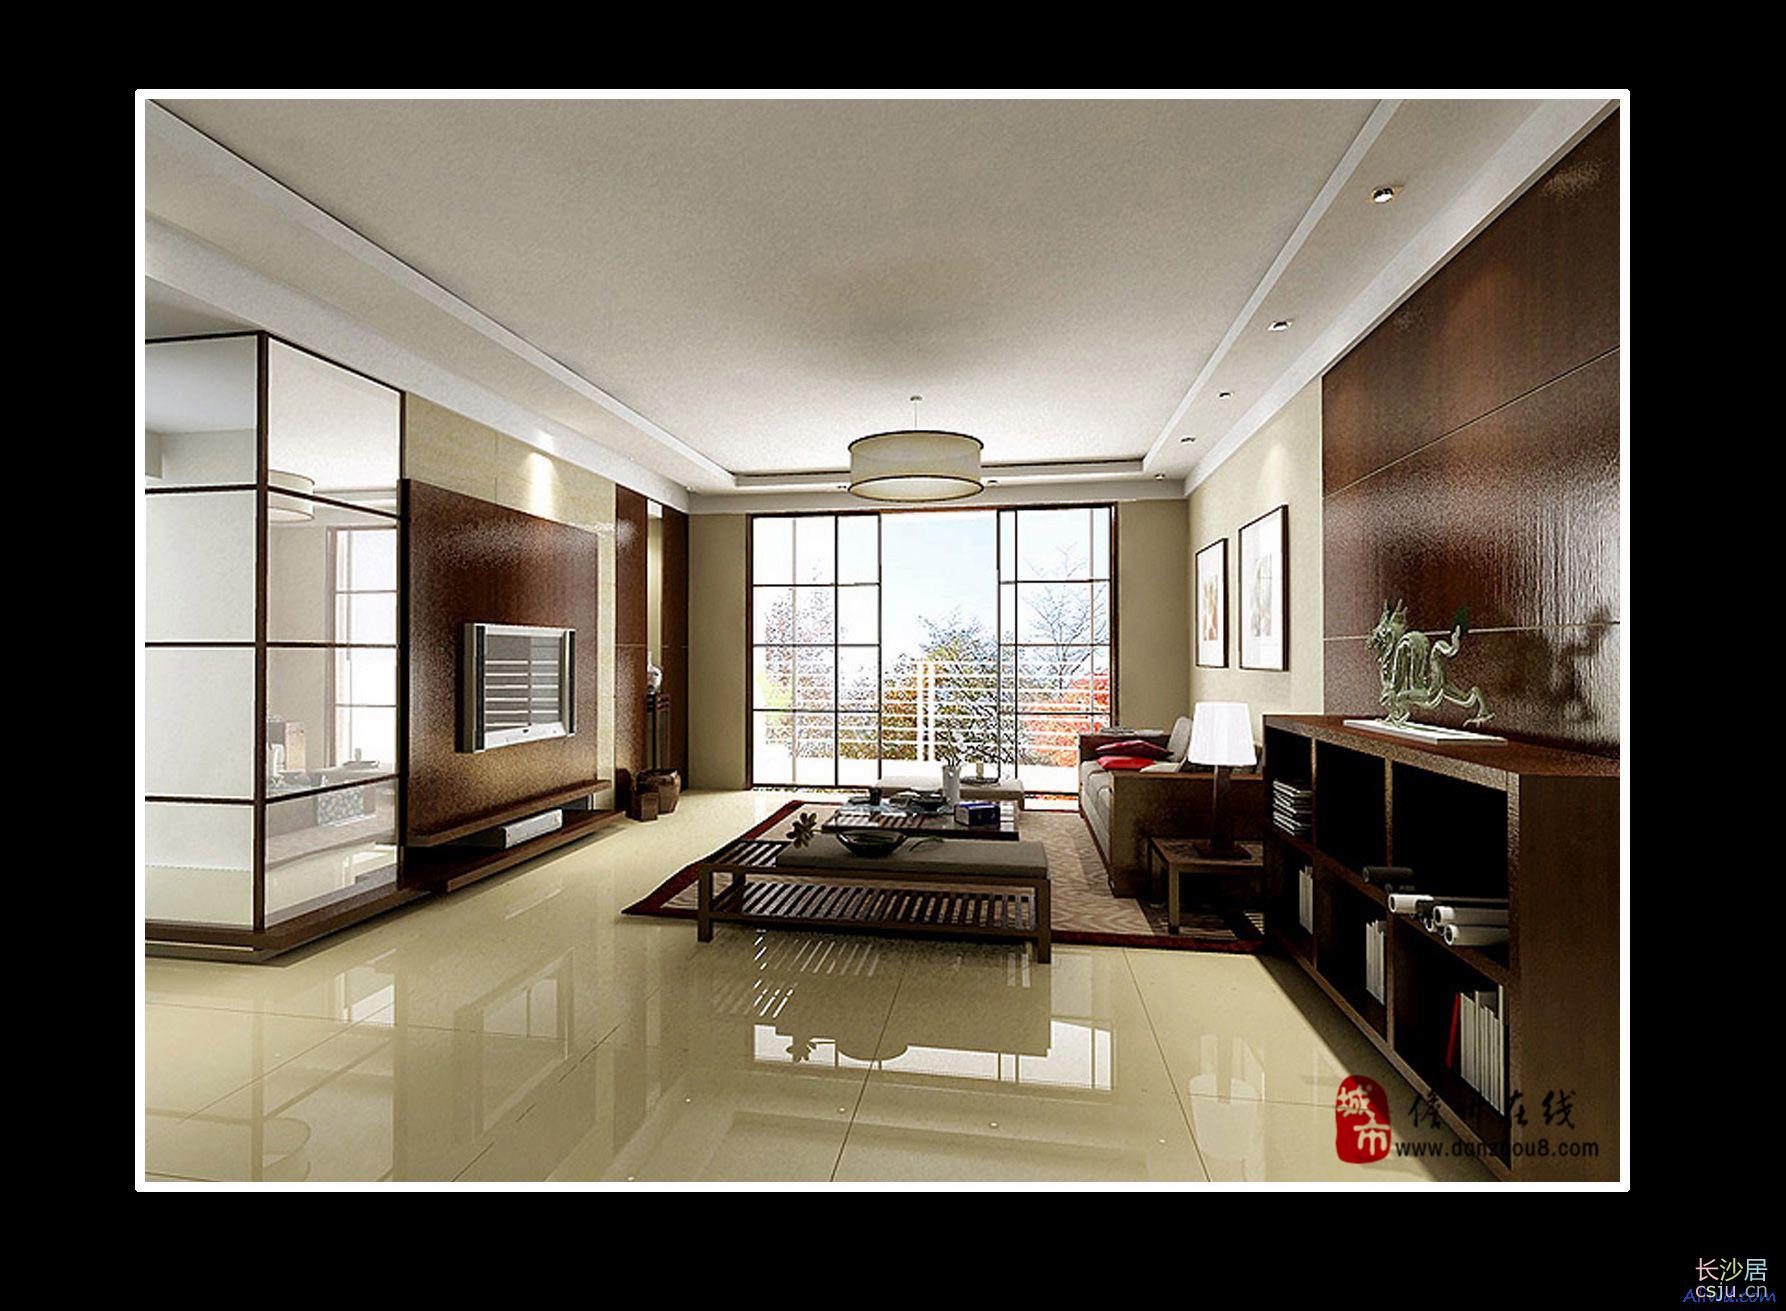 2009客厅效果图 三居室室内装修设计效果图 高清图片